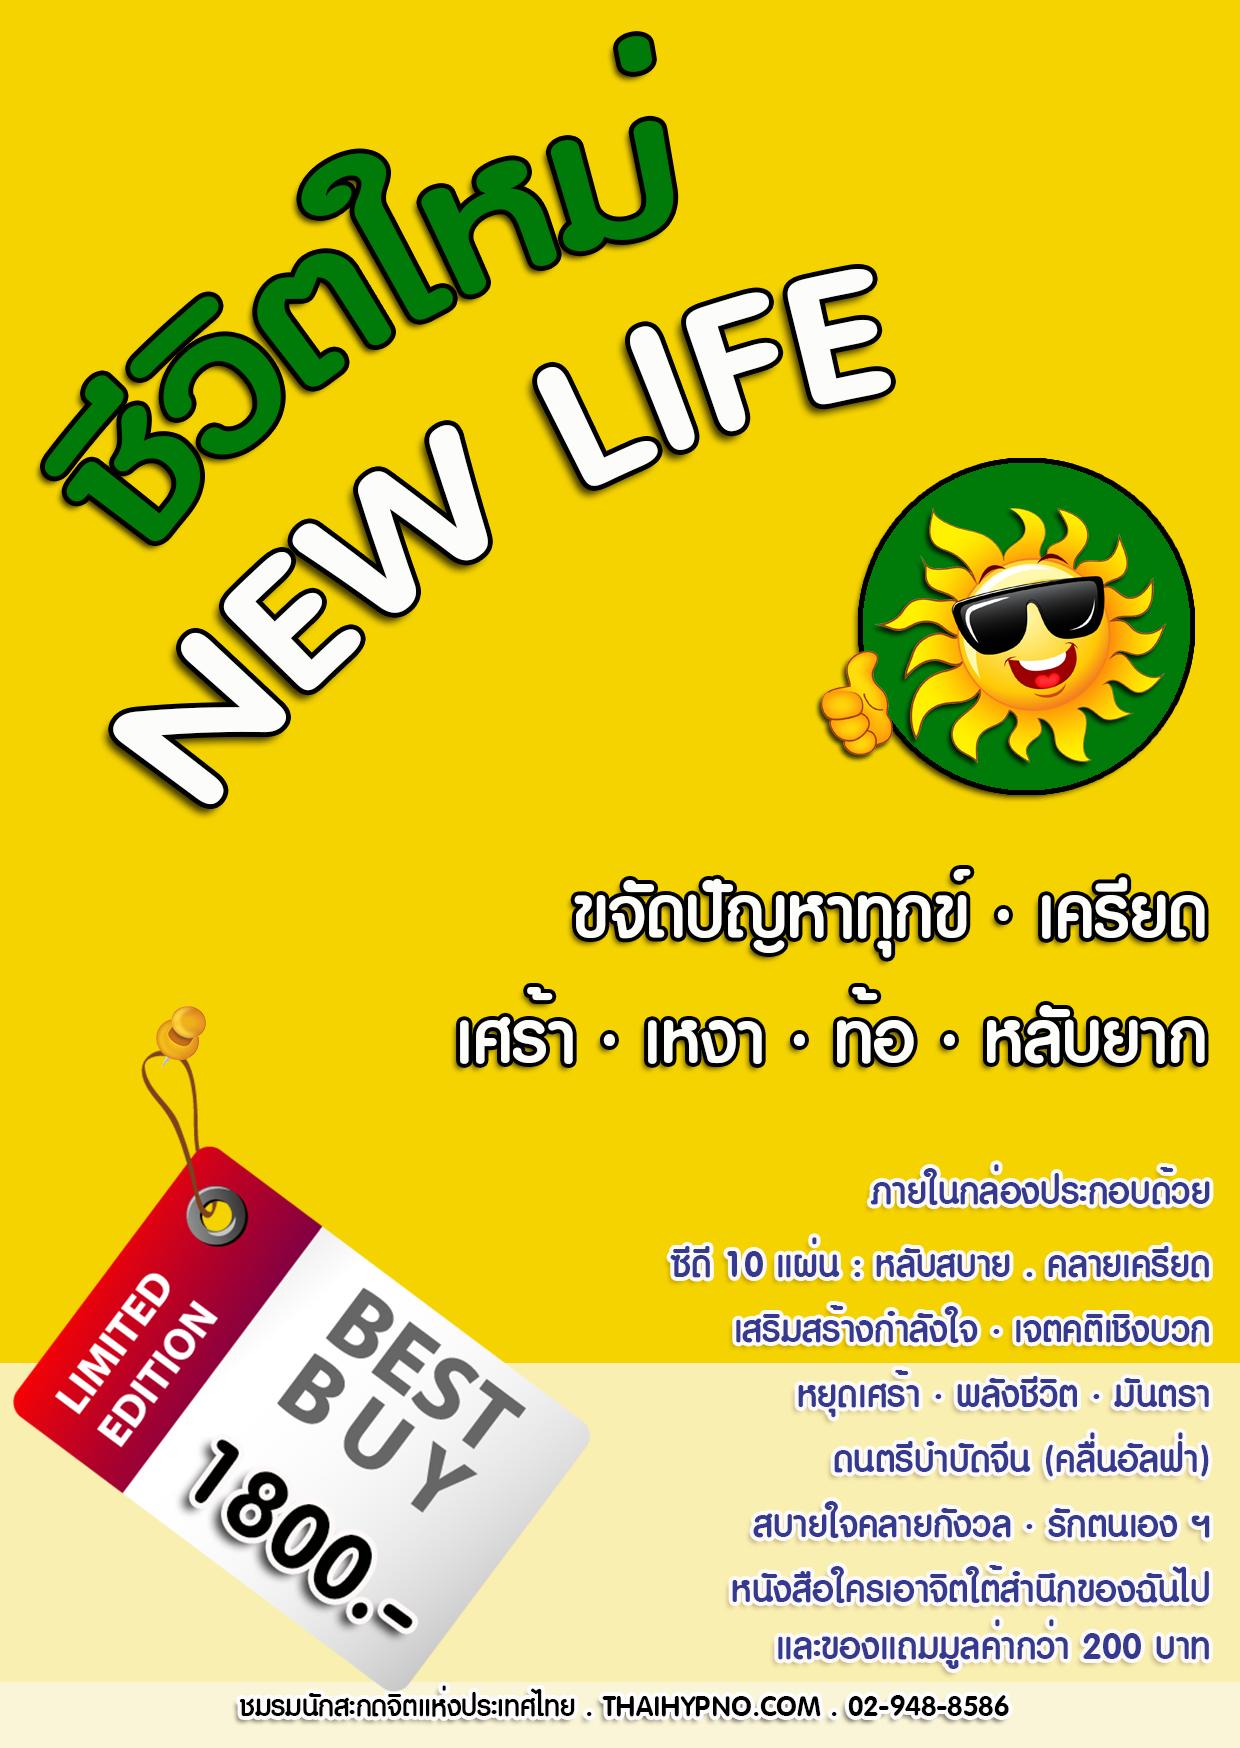 221 ชีวิตใหม่ New Life